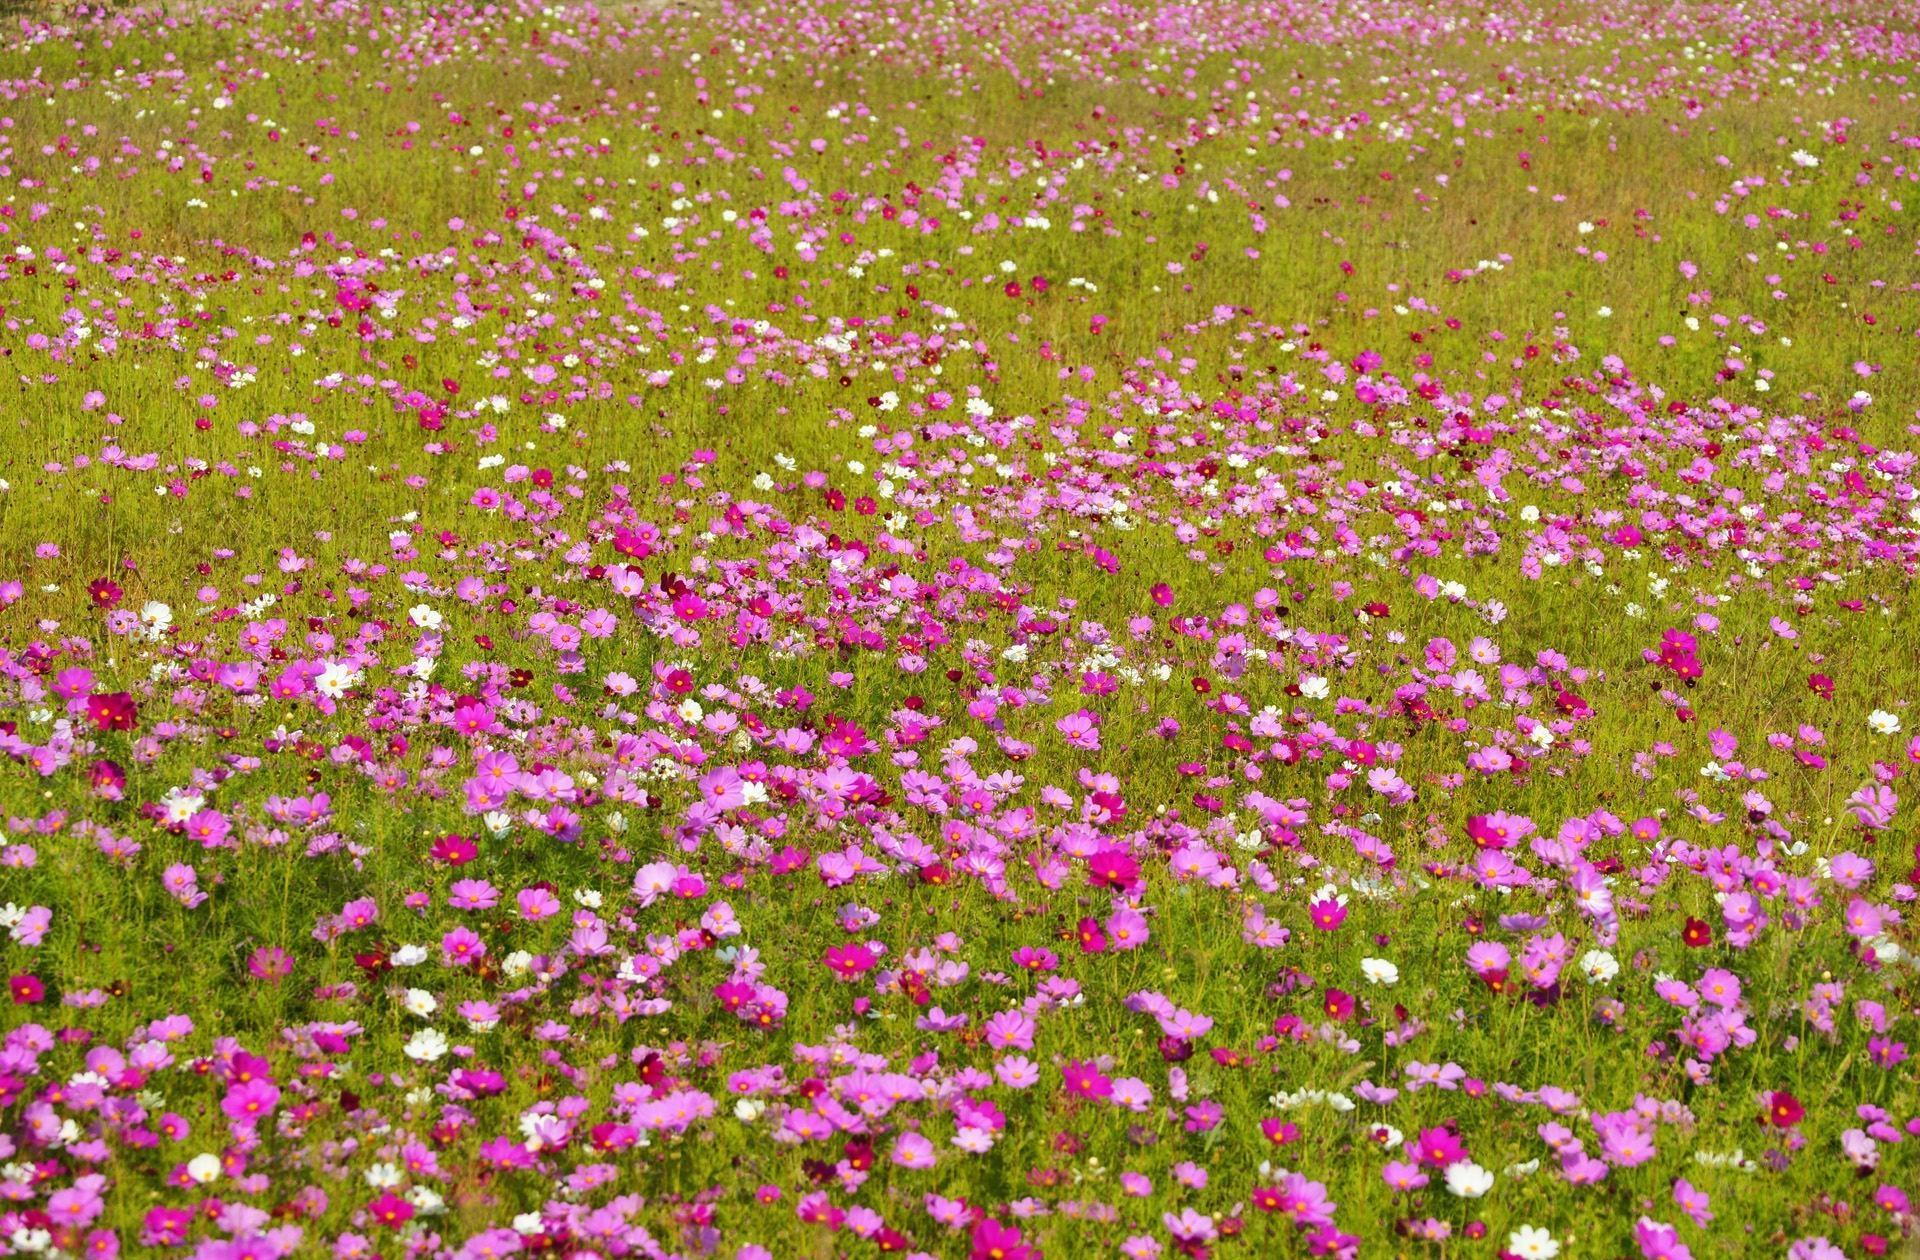 Весенняя поделка в детский сад. цветочная полянка своими руками. мастер-класс с пошаговыми фото объемная поделка из бумаги поляна